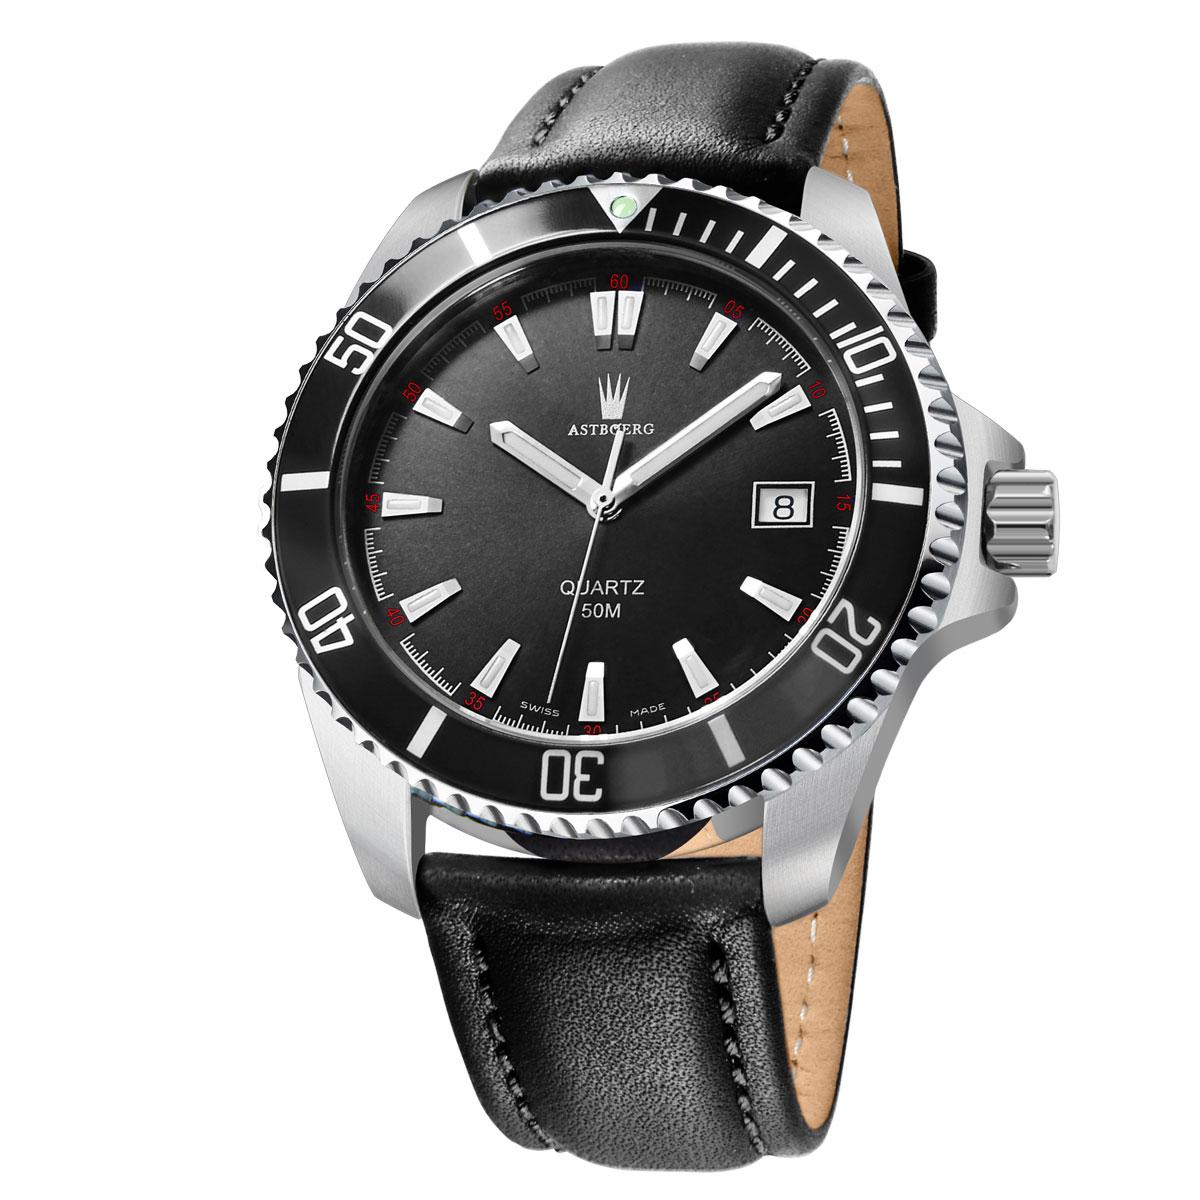 Astboerg Ocean Swiss Made AT2703LS Herrenuhr